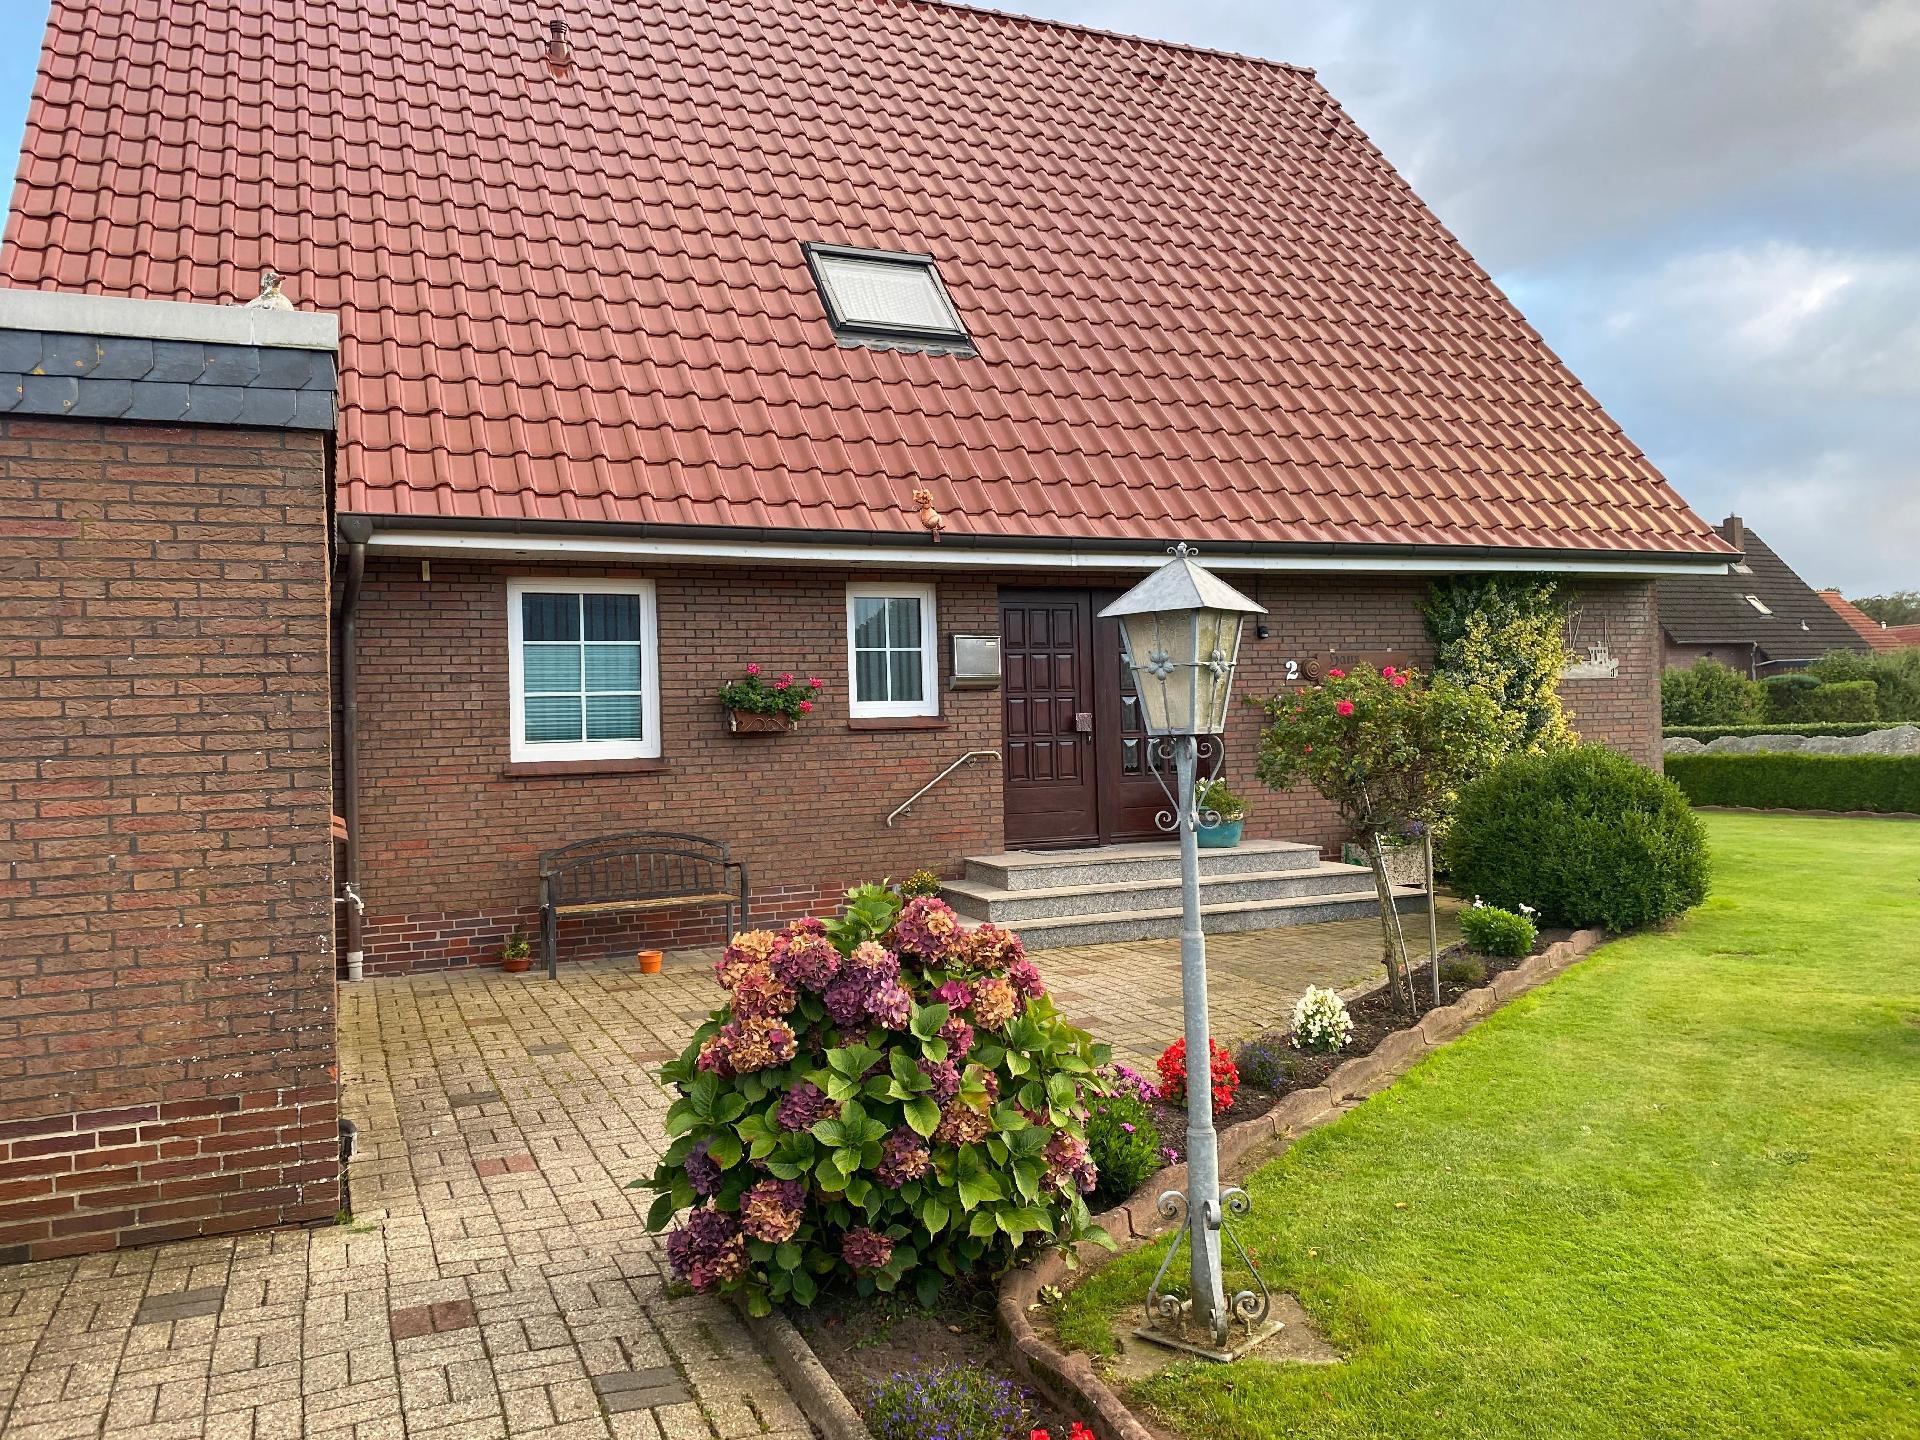 Ferienwohnung Hanni in Hage (Ostfriesland) direkt